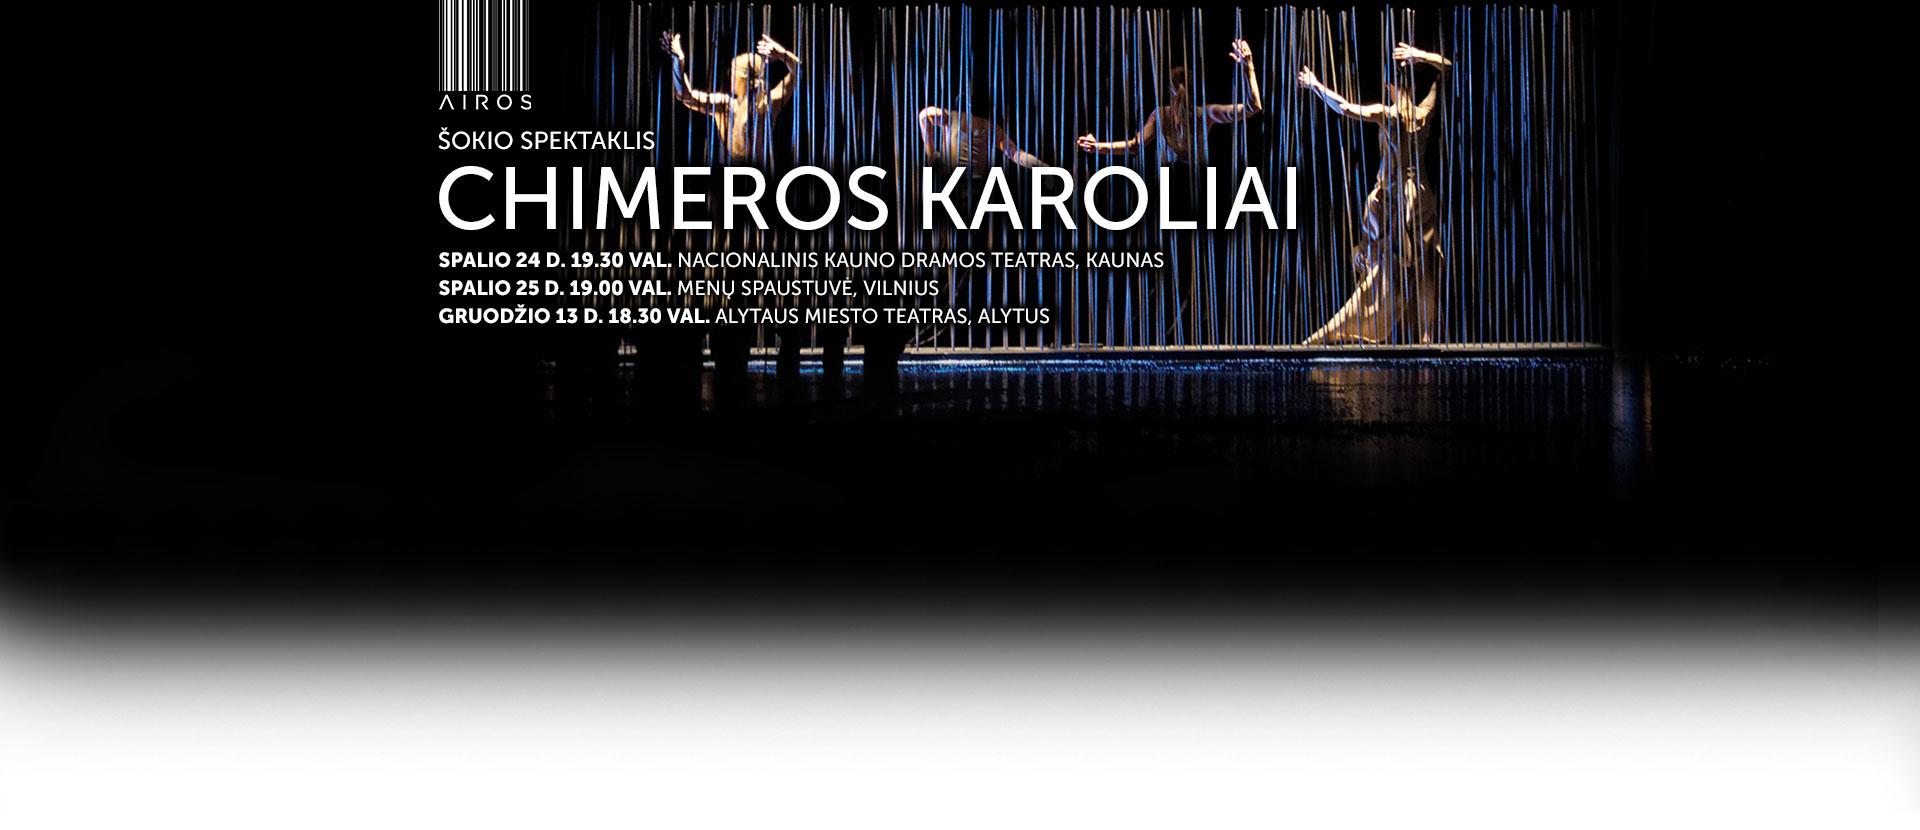 Šokio spektaklis CHIMEROS KAROLIAI, Alytuje